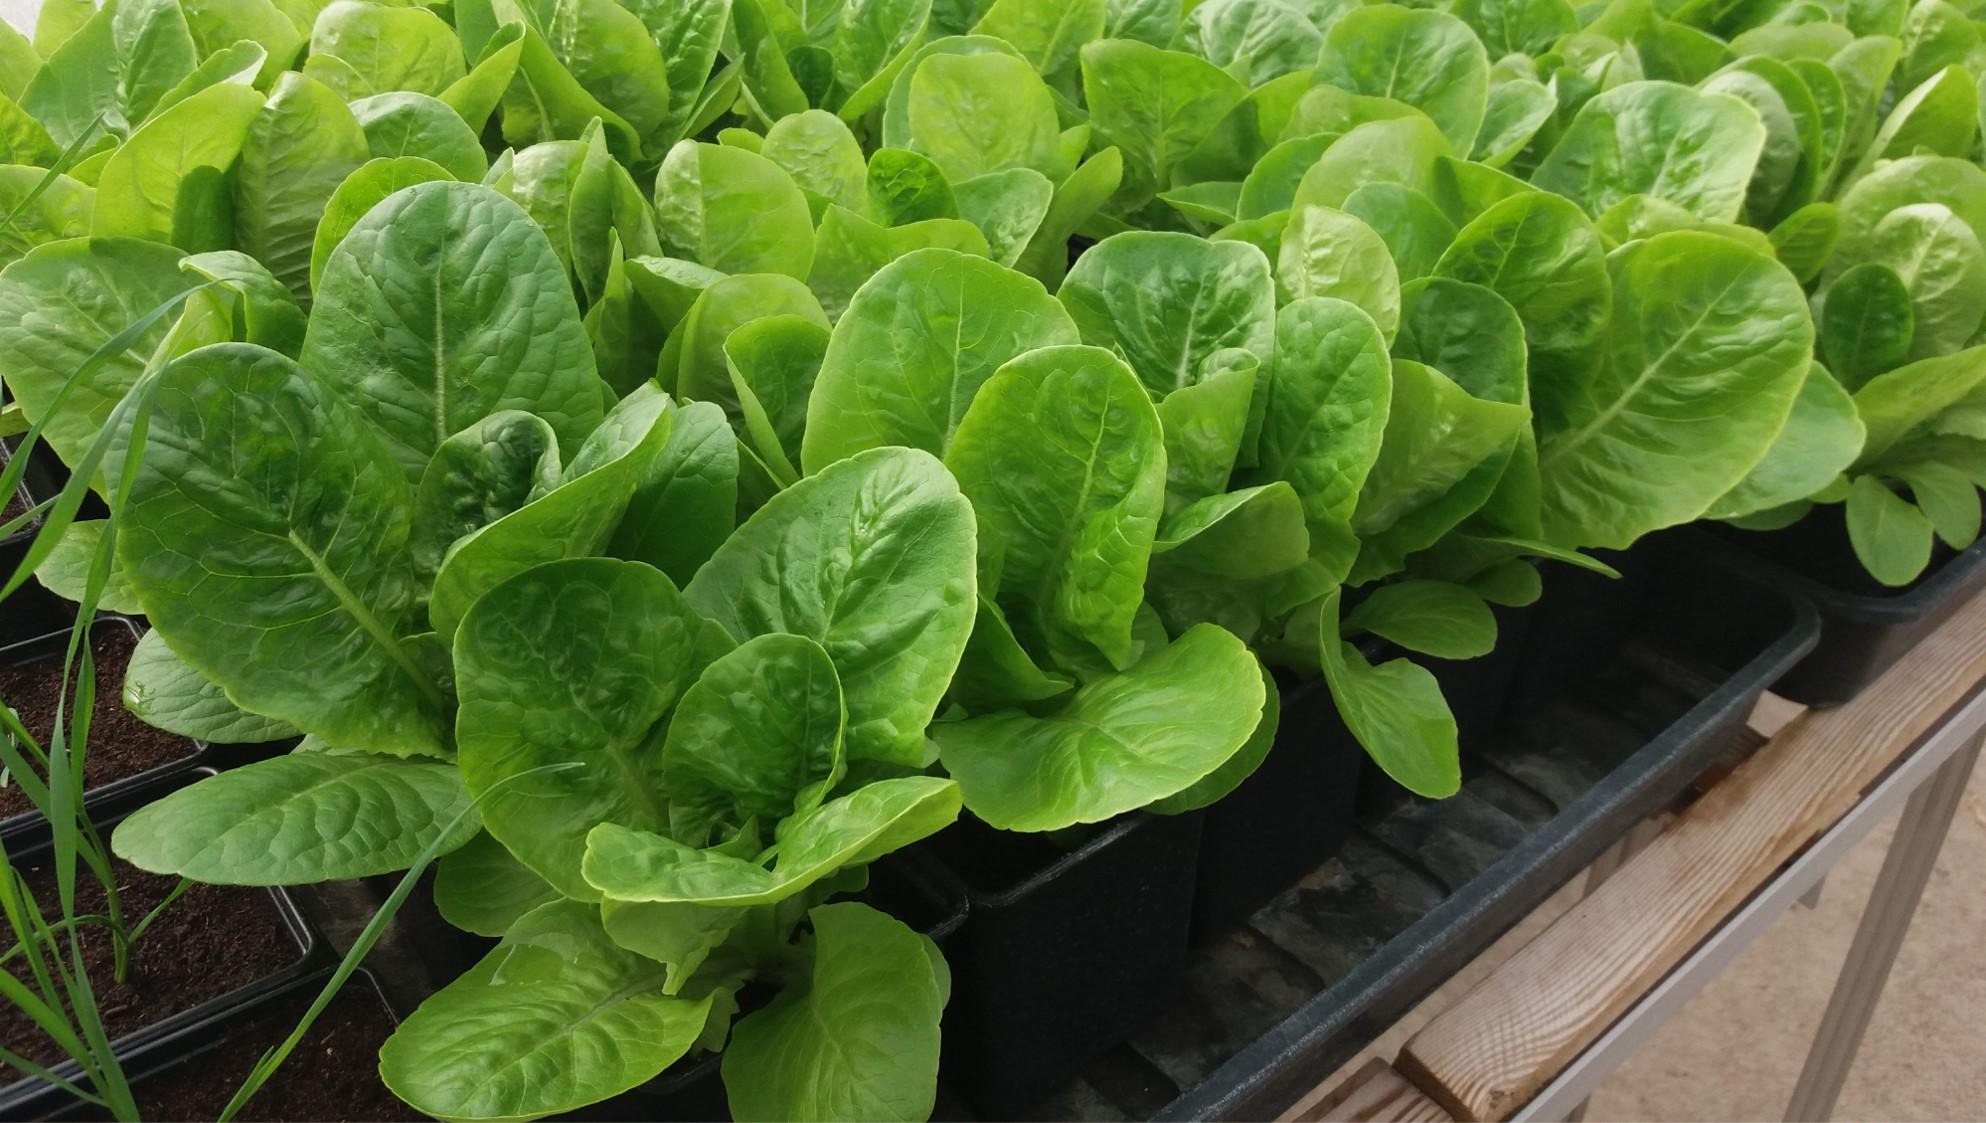 Seastar-F on lettuce